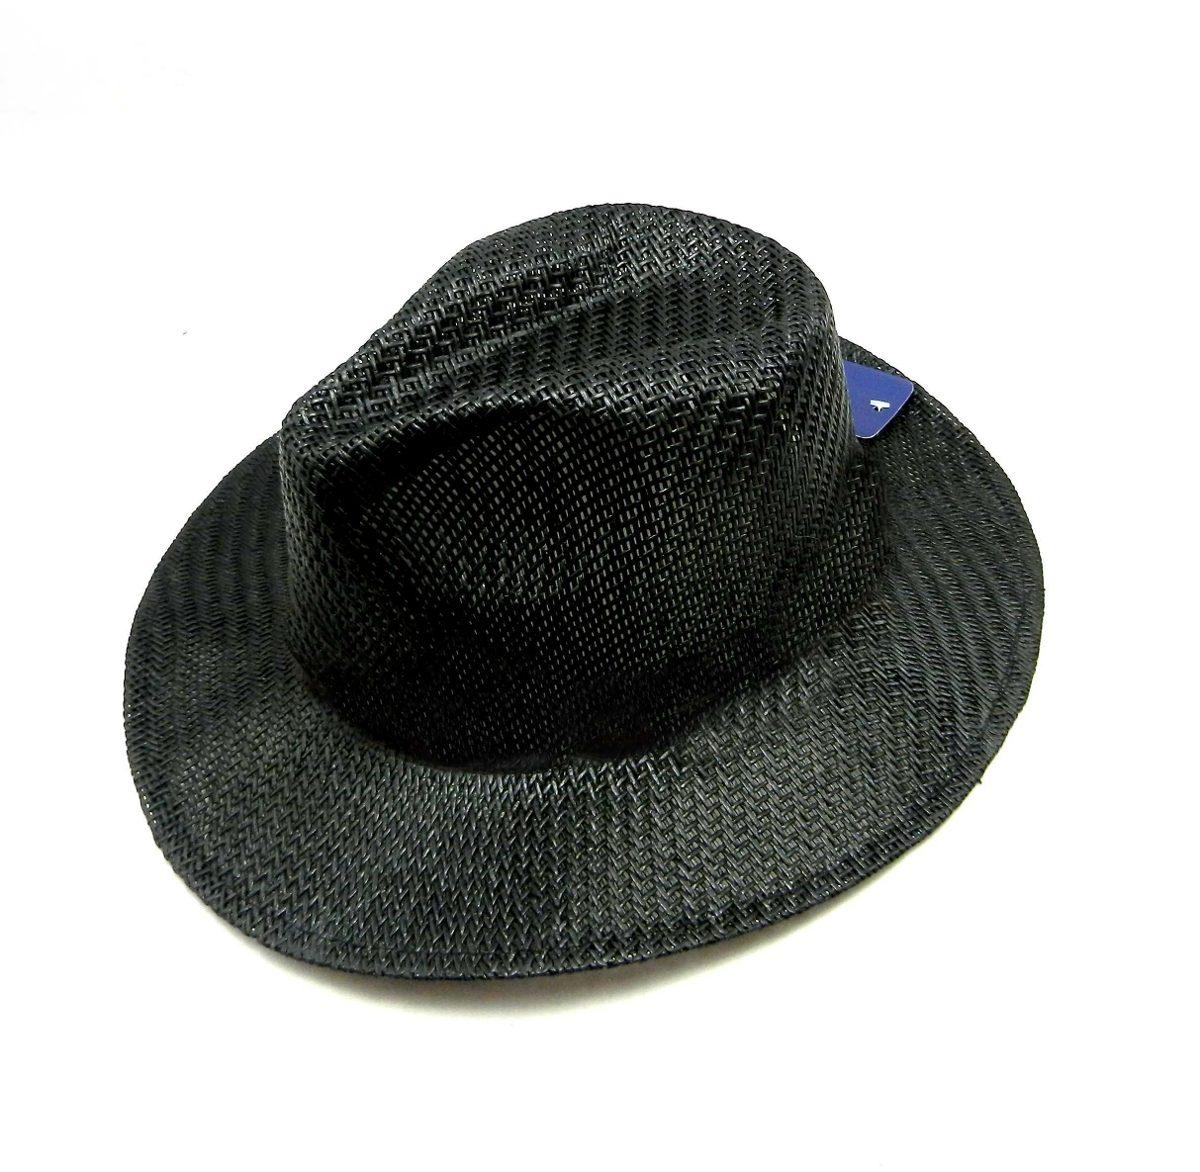 capelina simil rafia verano sombrero de mujer varios modelos. Cargando zoom. f6d6b28c3bc